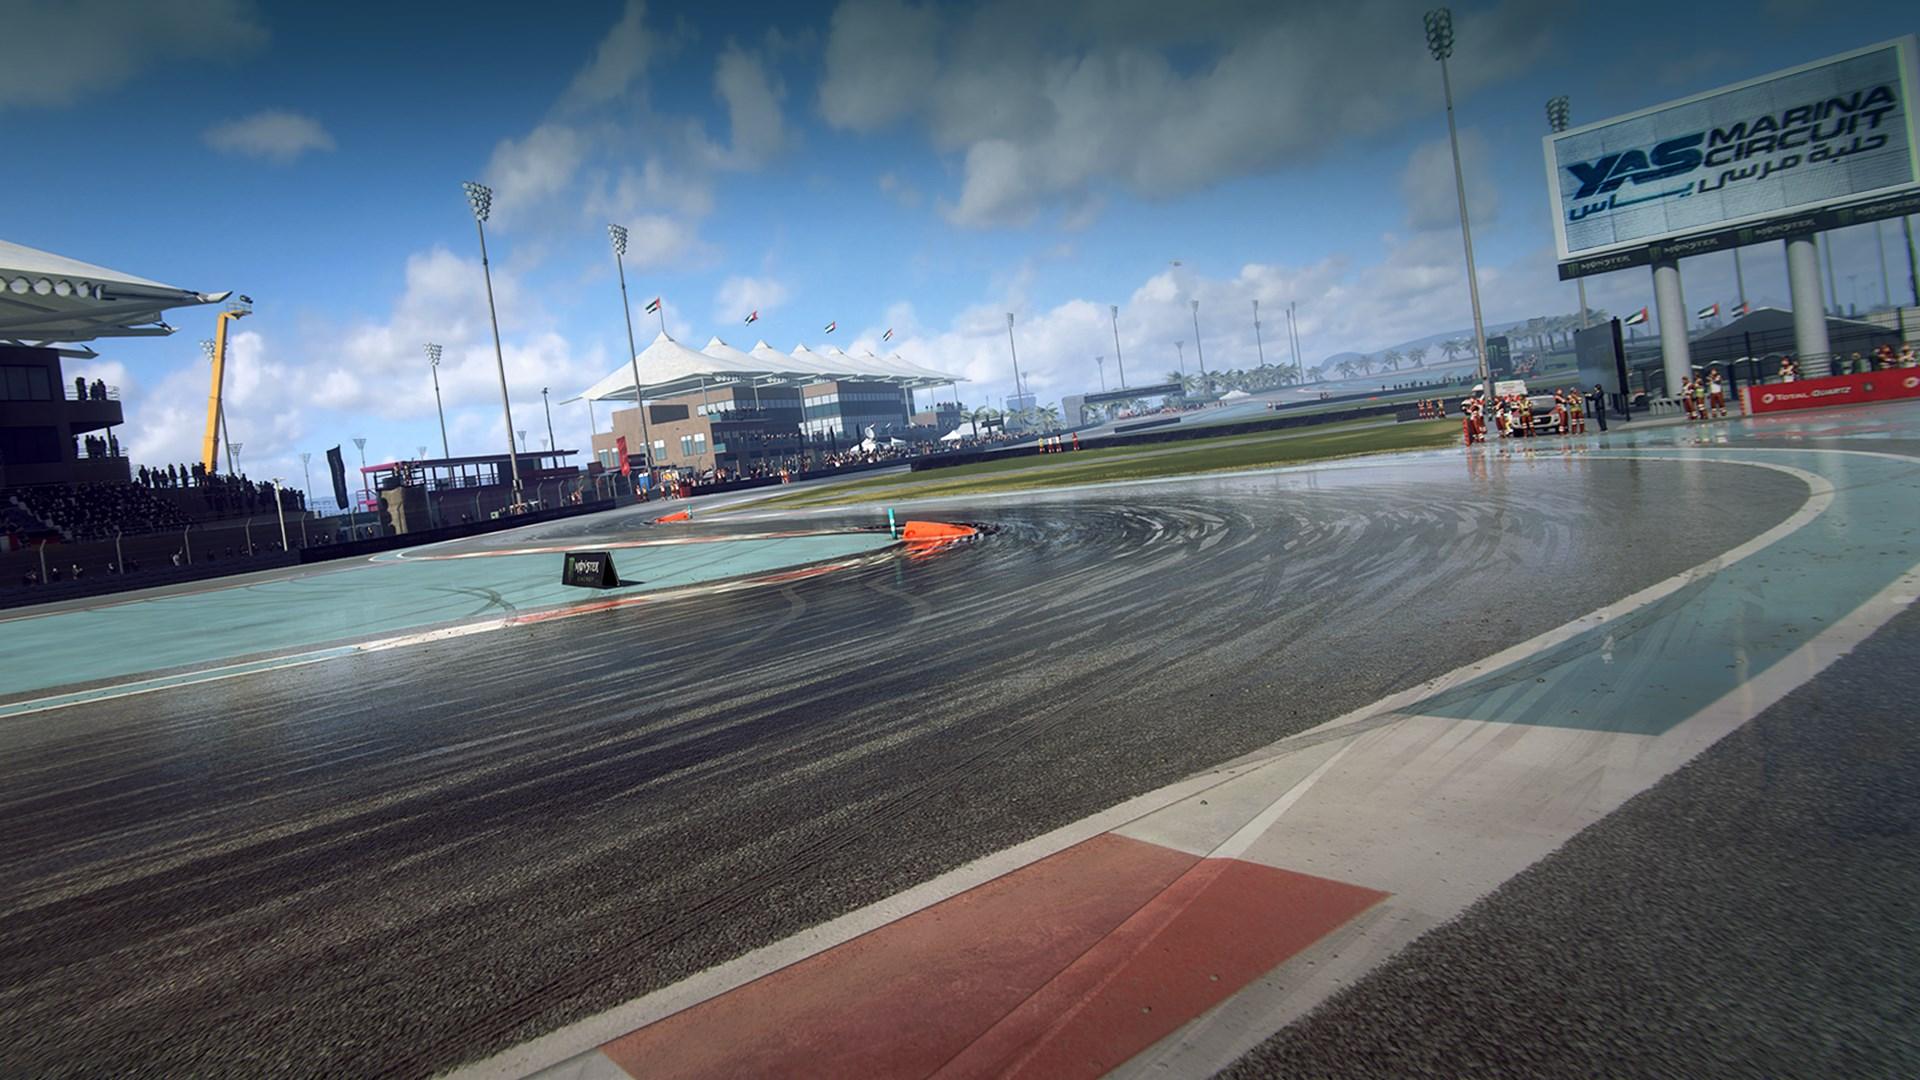 Yas Marina Circuit, Abu Dhabi (Rallycross Track)